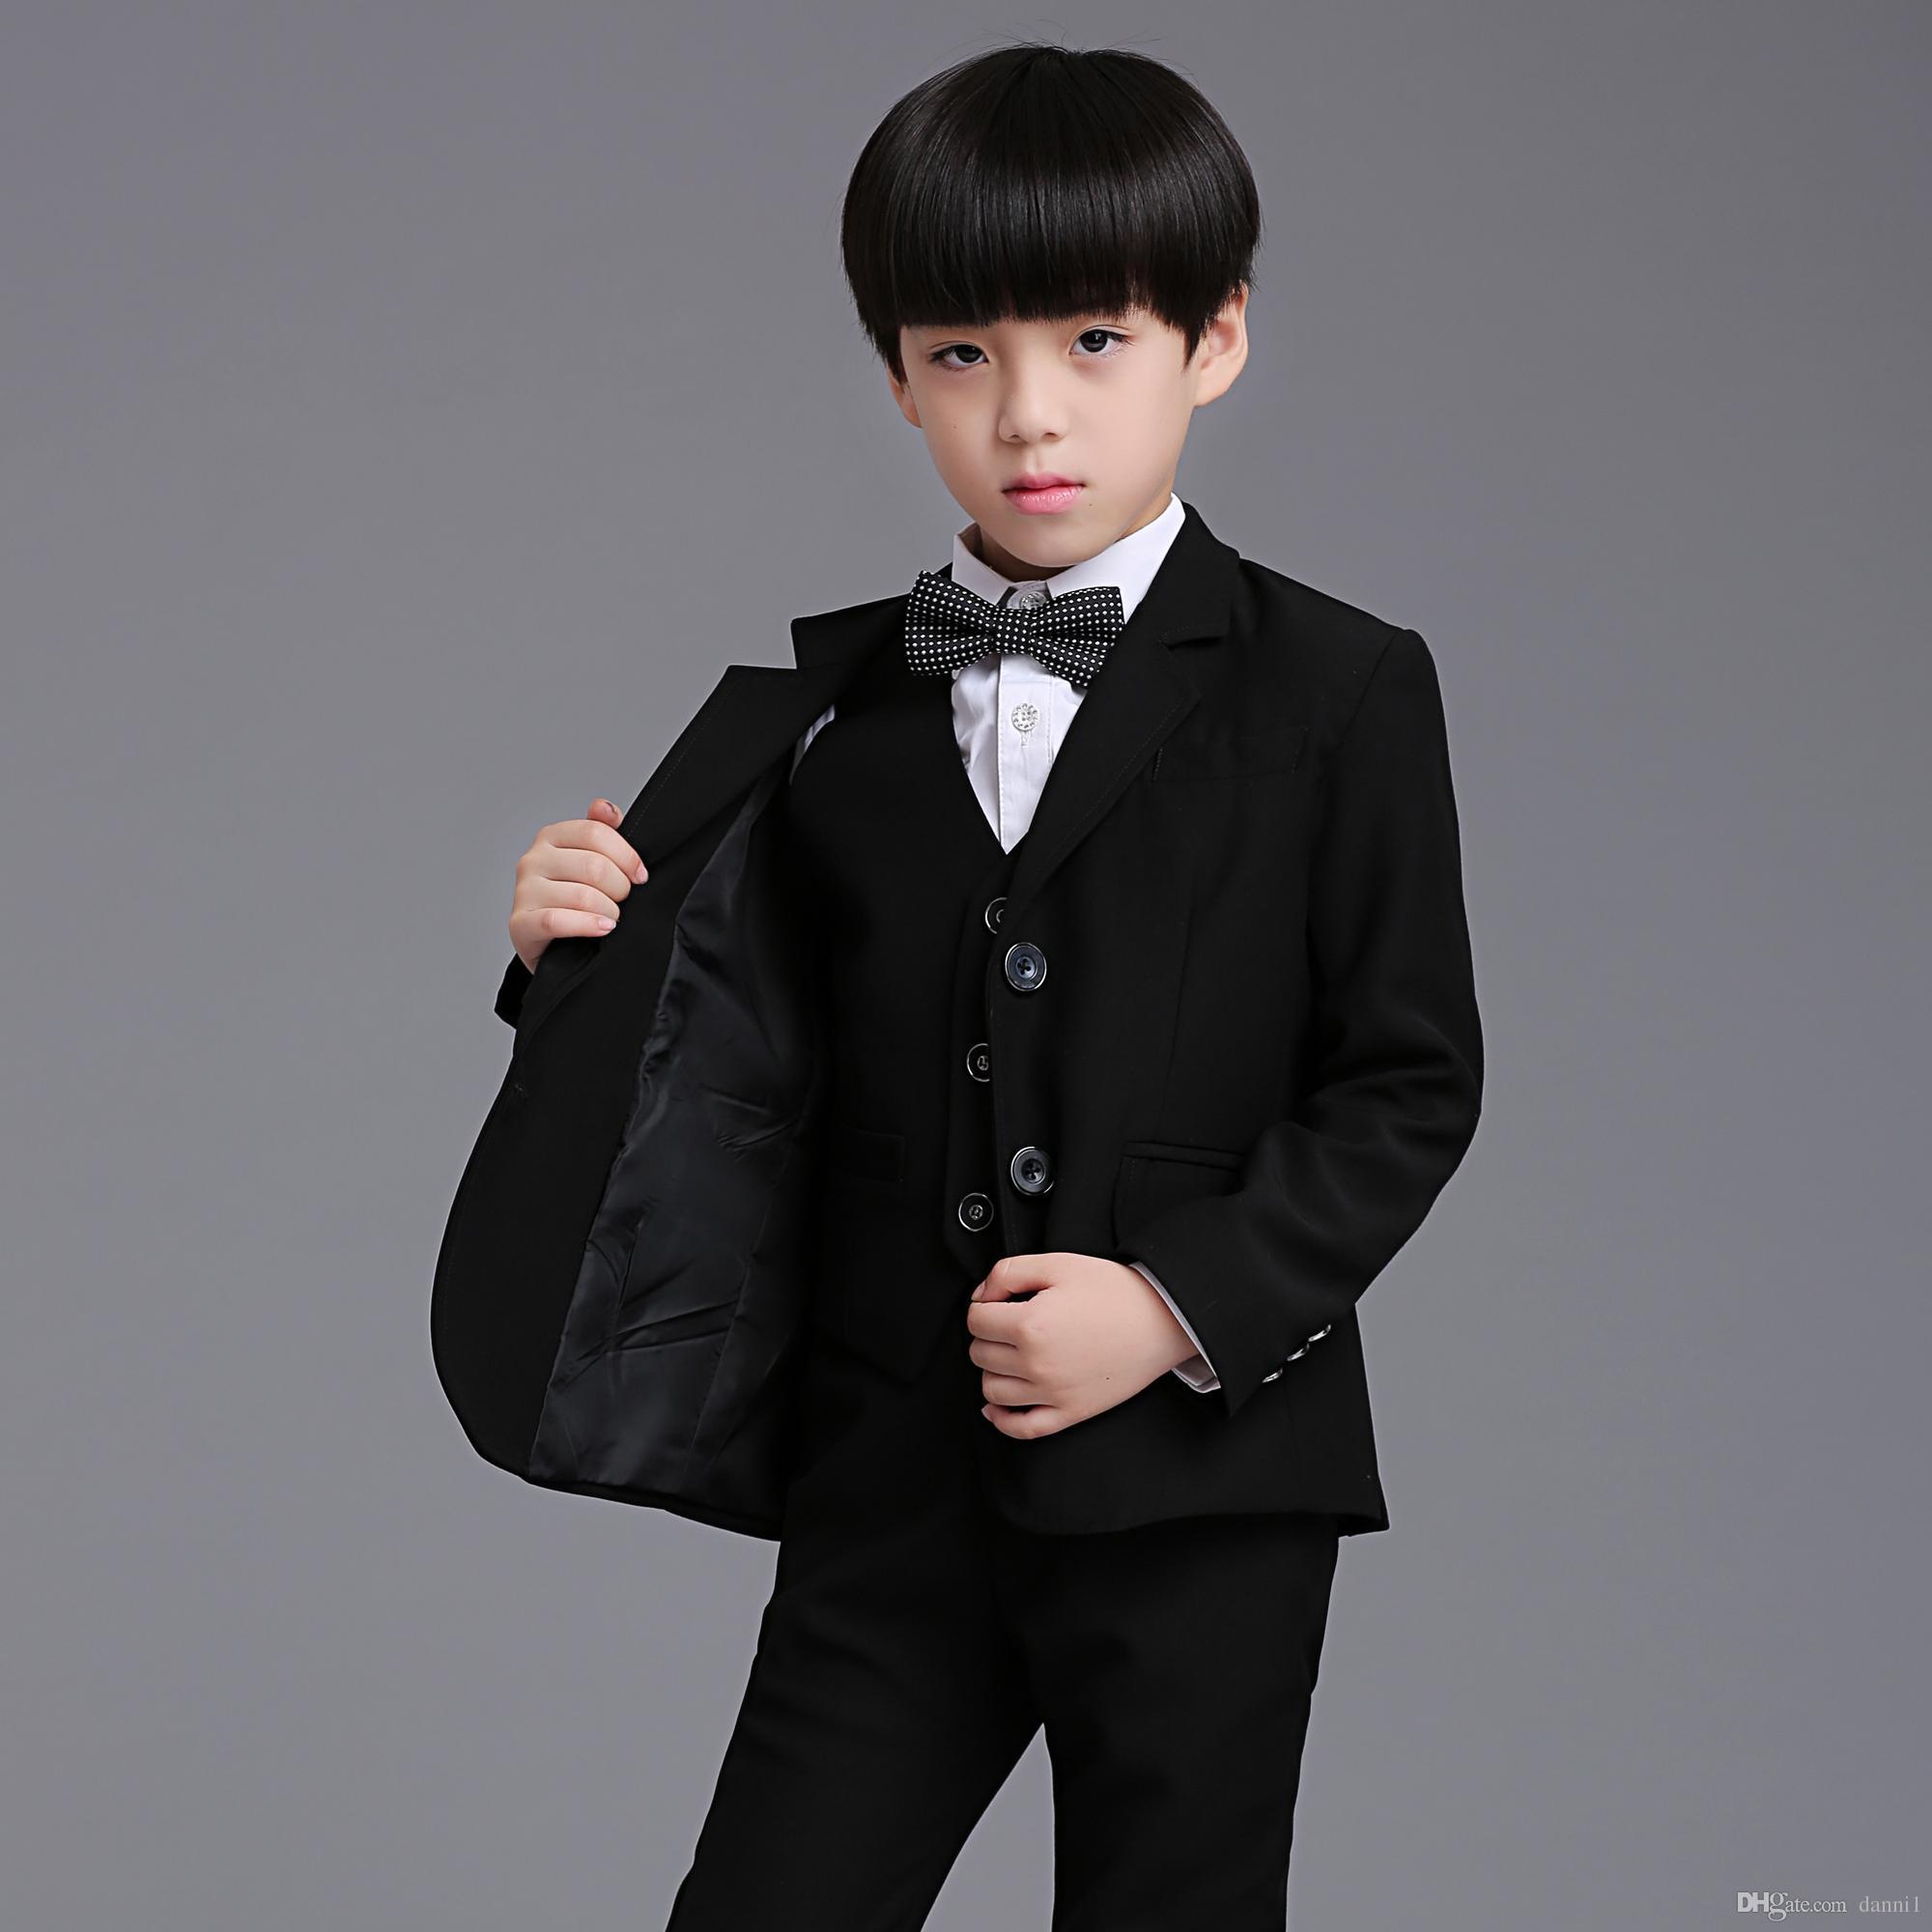 Nueva moda 3pcs traje y chaleco Niños Boy traje de vestir Escuela Piano Prom ropa Boy's Formal desgaste accesorios